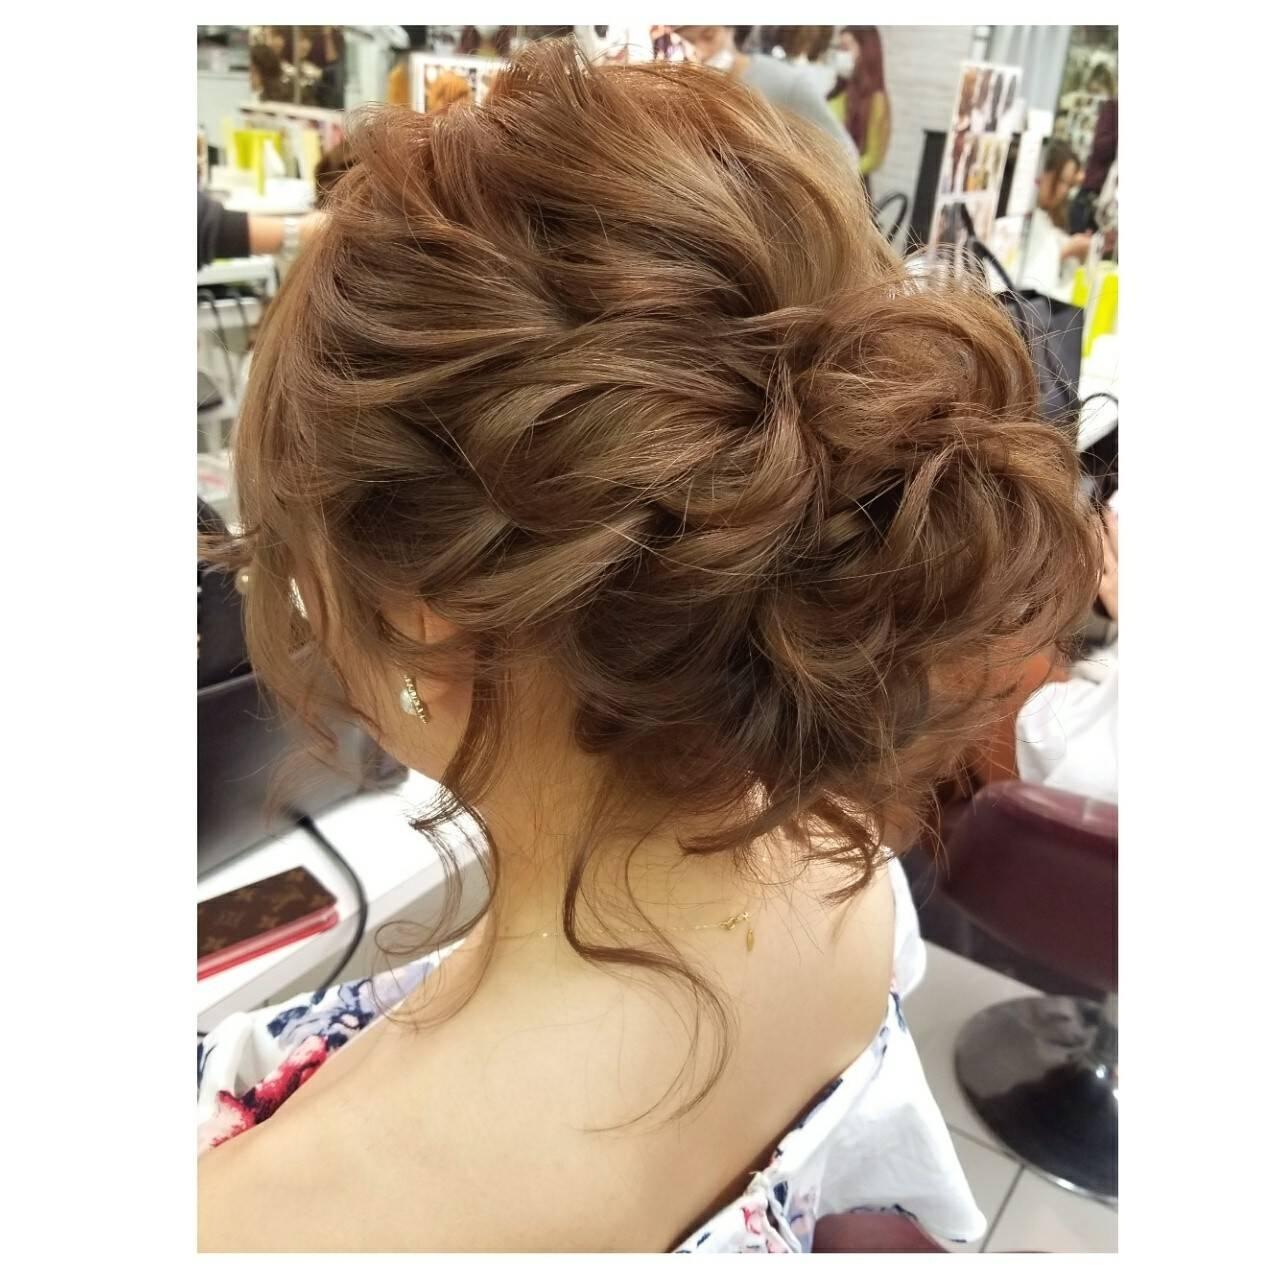 エレガント ヘアアレンジ 上品 結婚式ヘアスタイルや髪型の写真・画像